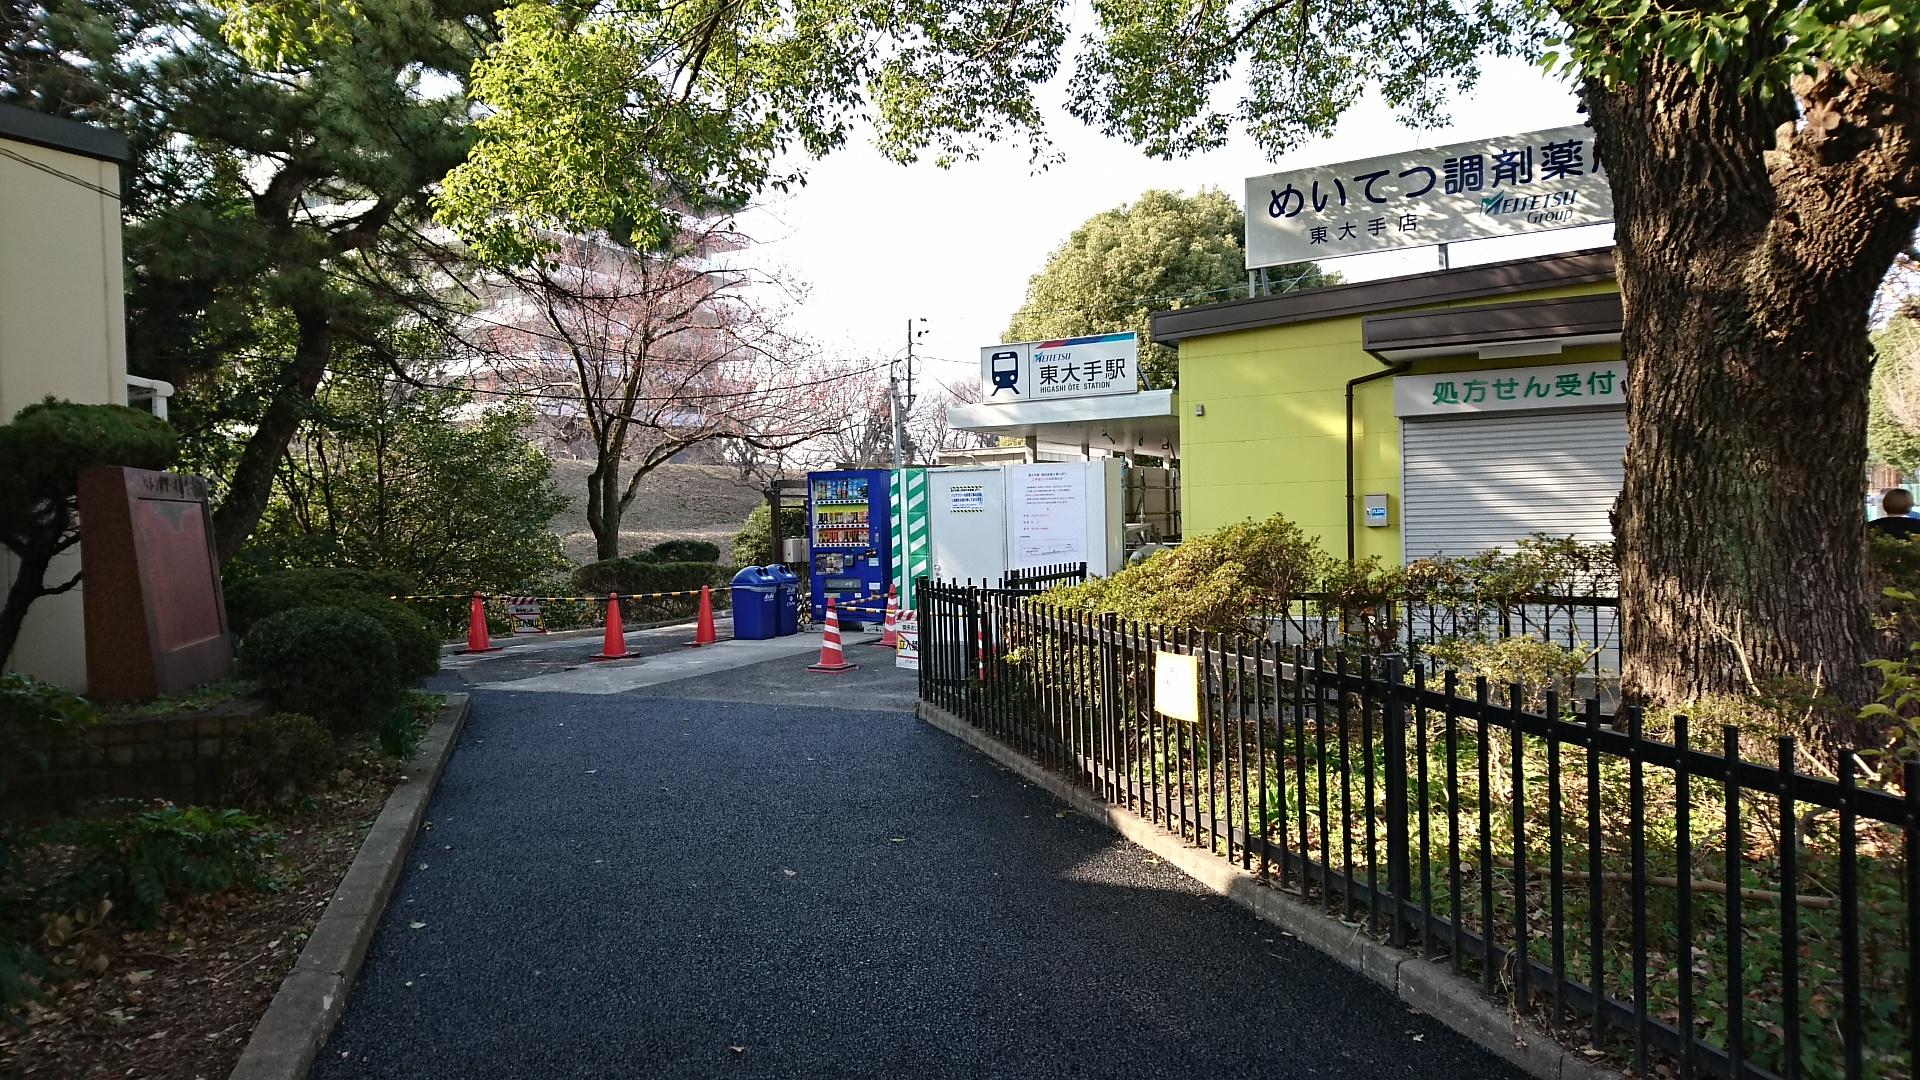 2017.3.12 名古屋 (42) 東大手=みなみぐち 1920-1080